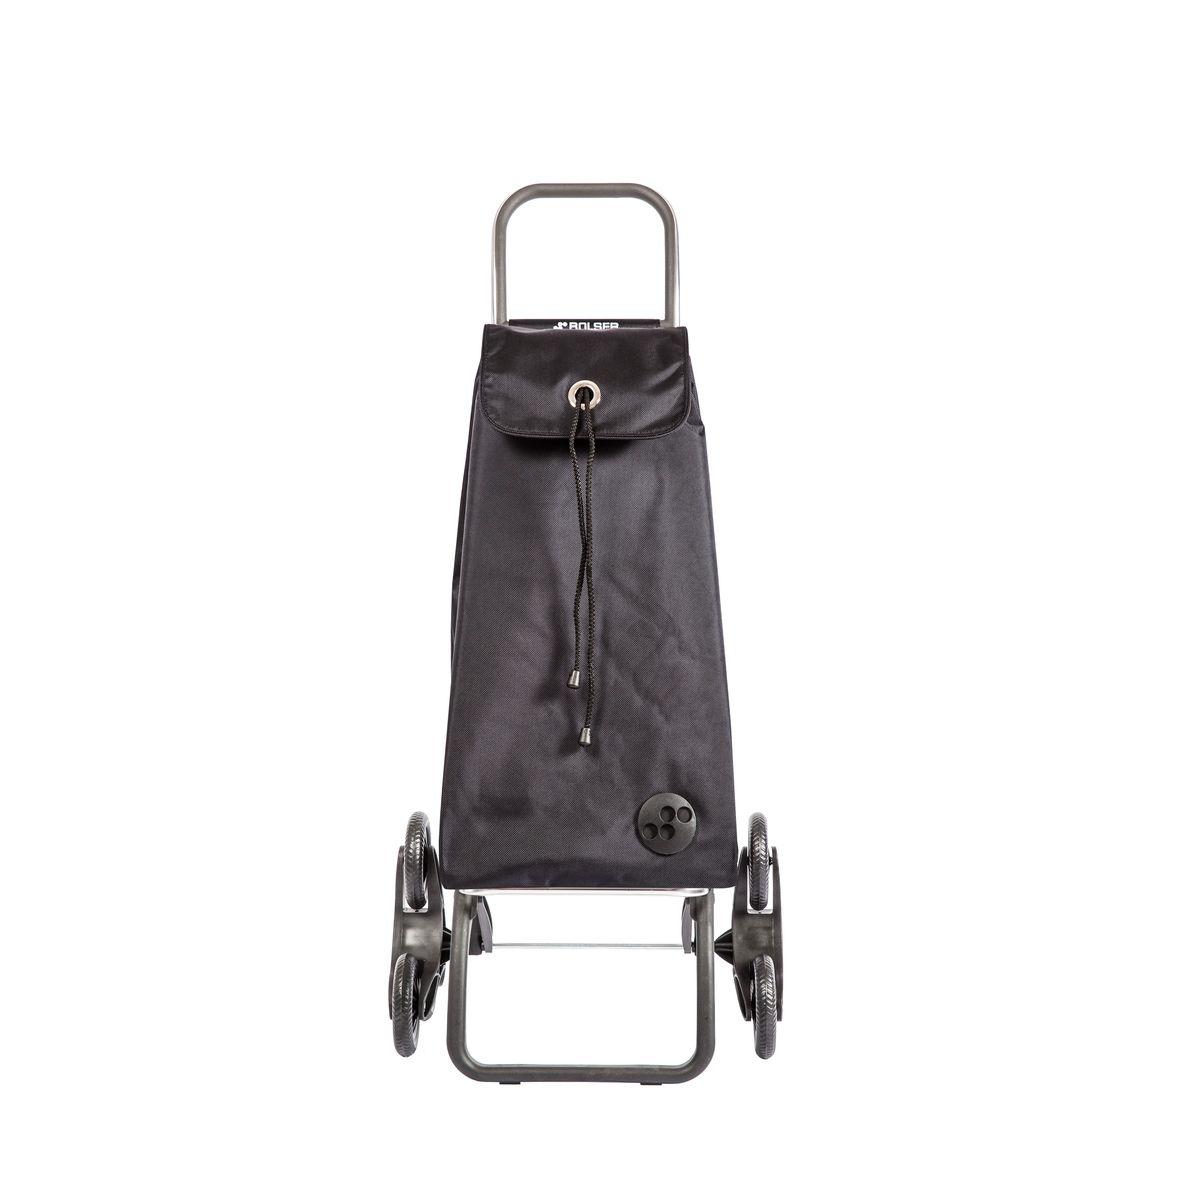 Chariot de course de marche pliable 6 roues monte escaliers mf noir - Rolser